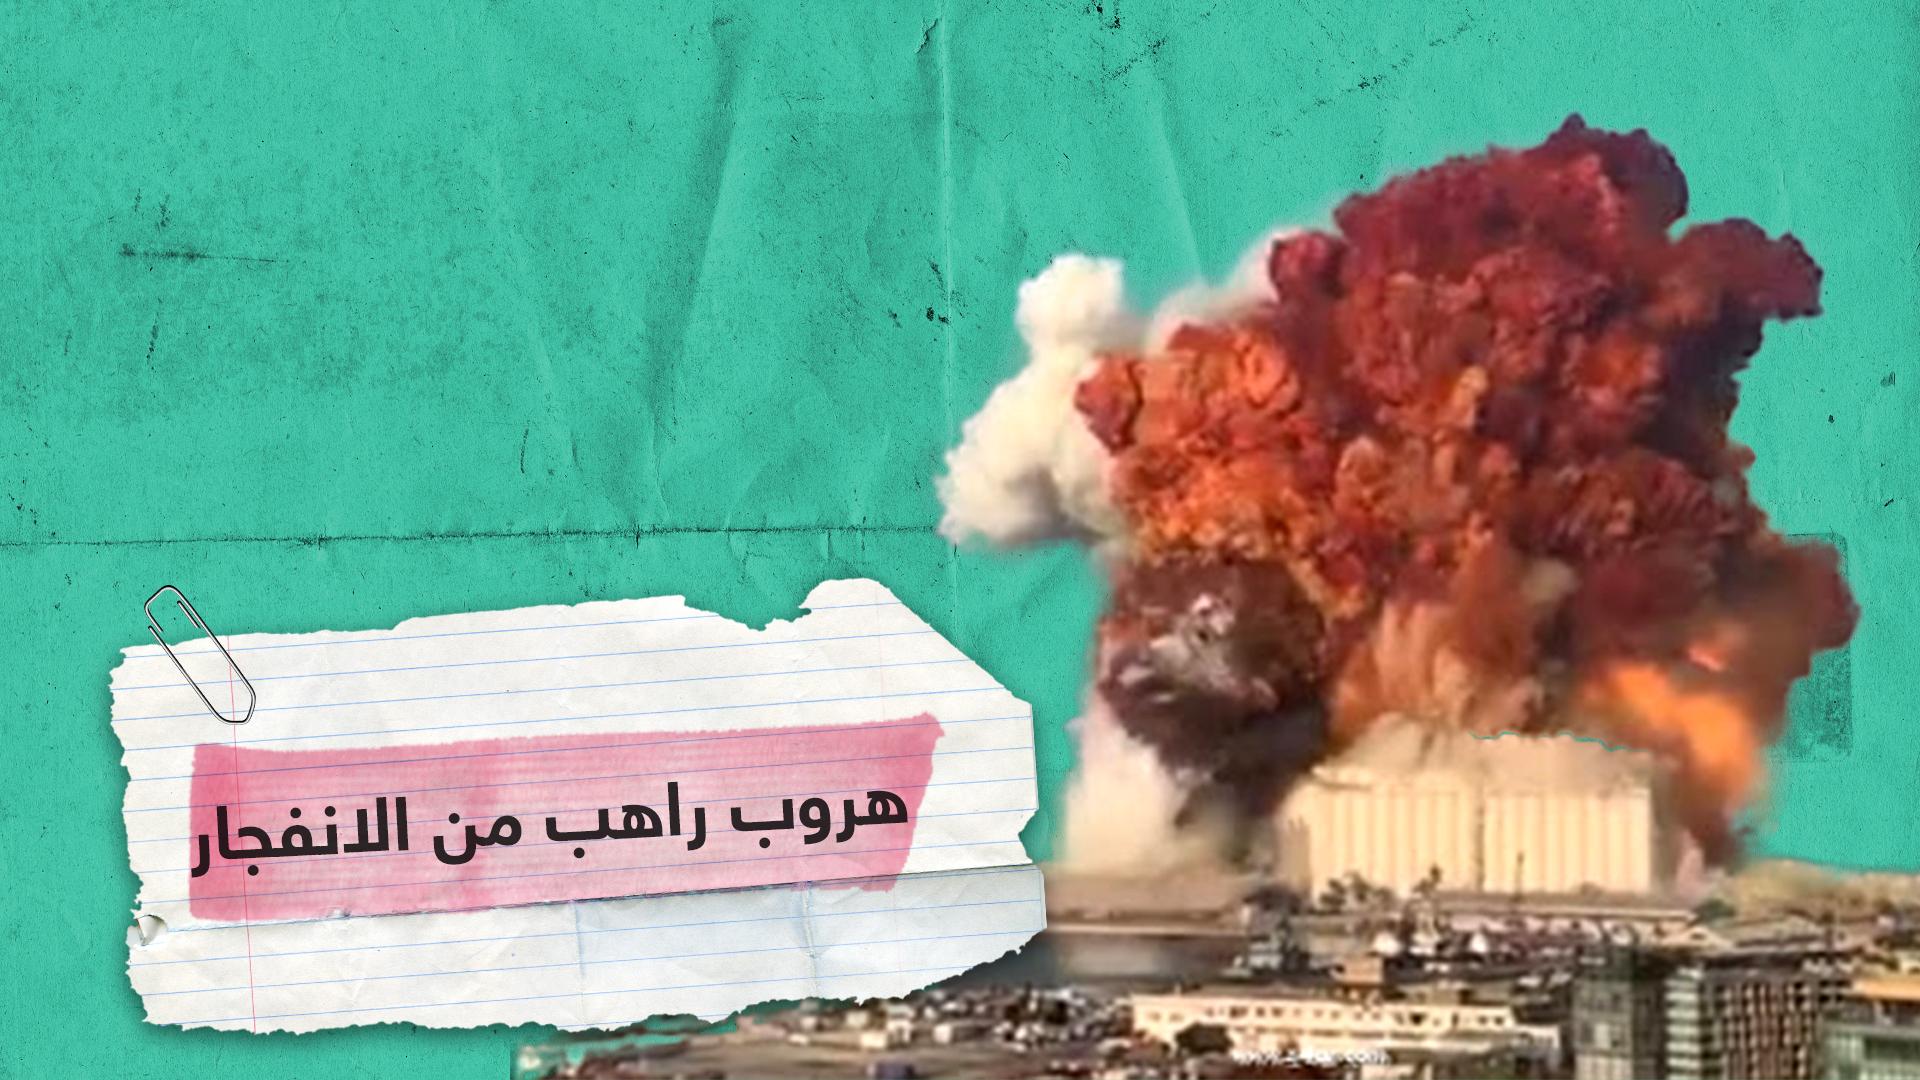 شاهد.. رد فعل راهب يقيم قداسا داخل كنيسة أثناء انفجار مرفأ بيروت